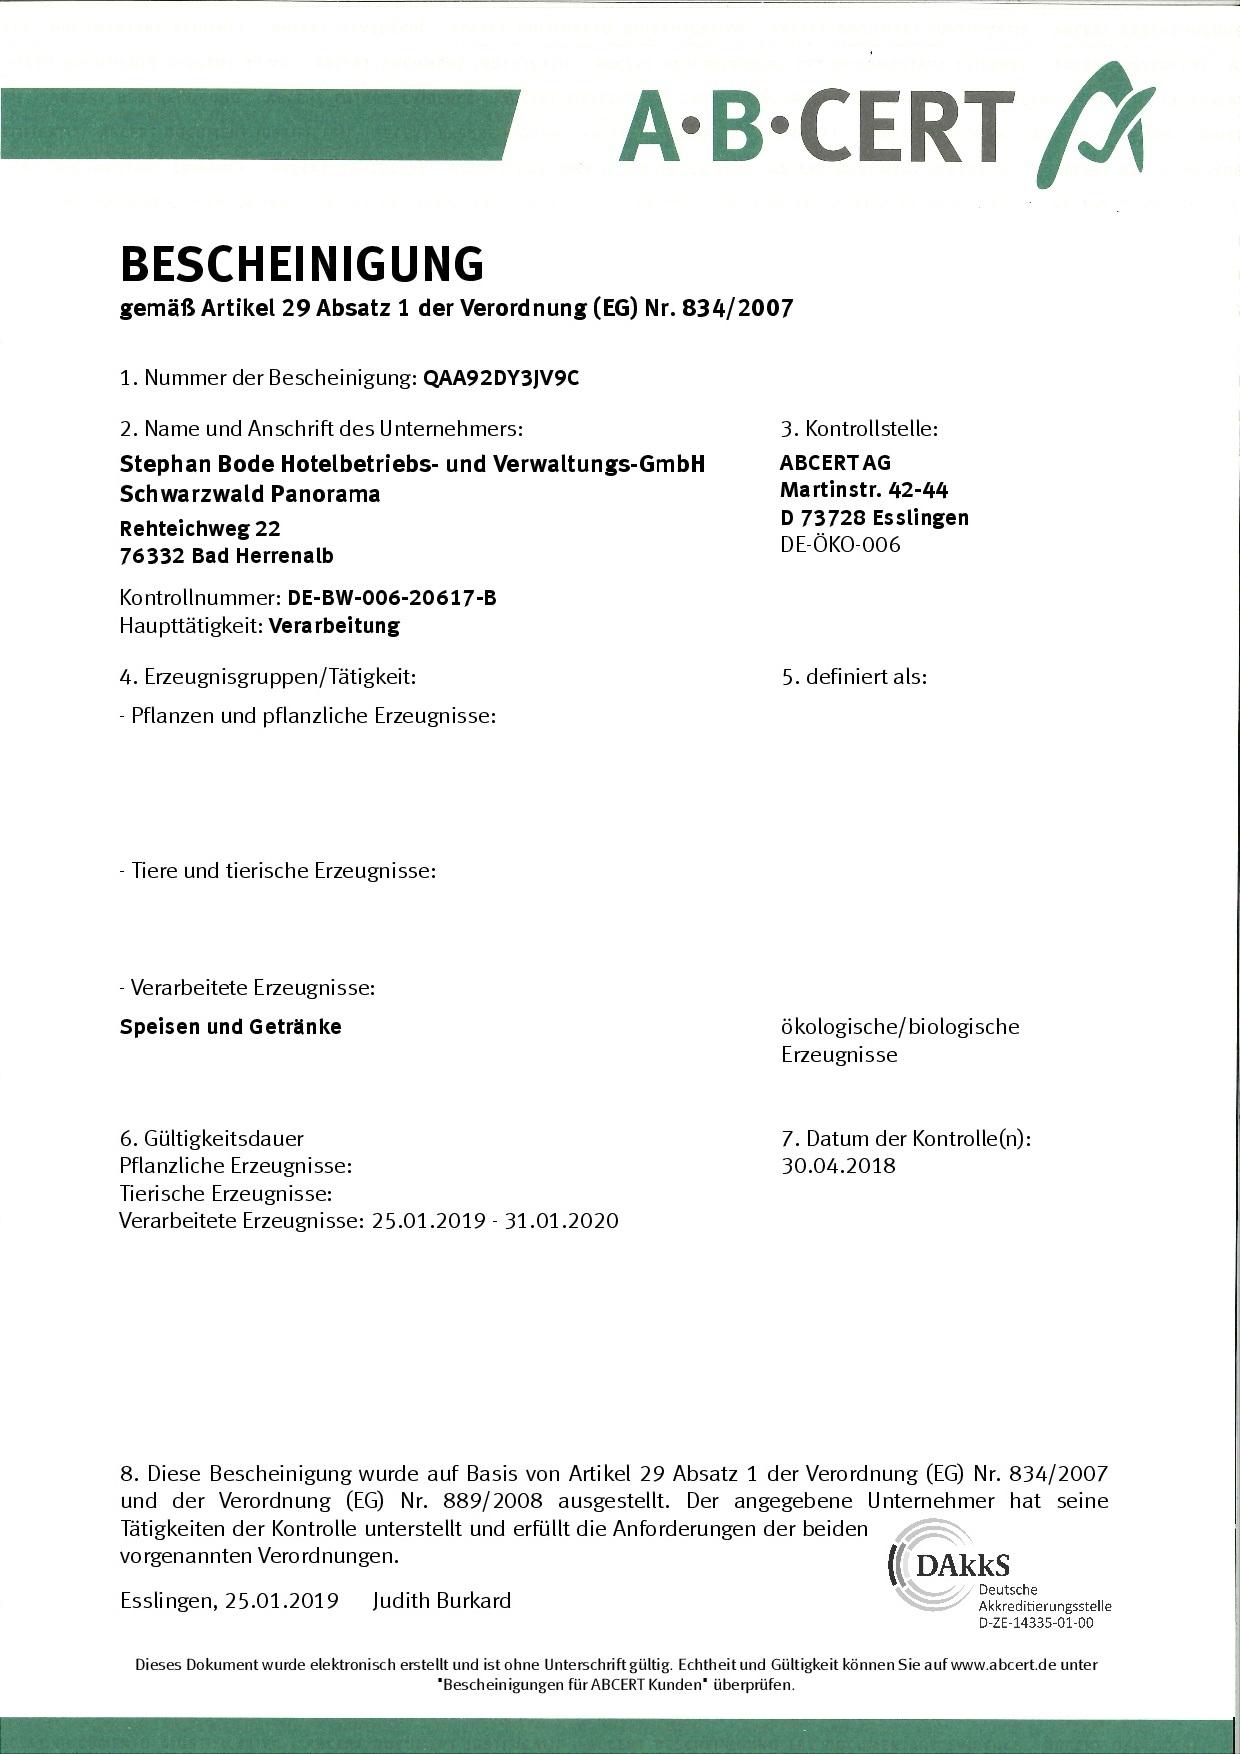 ABCert 2018 Bescheinigung Hotel Schwarzwald Panorama für die Verarbeitung biologischer Speisen und Getränke